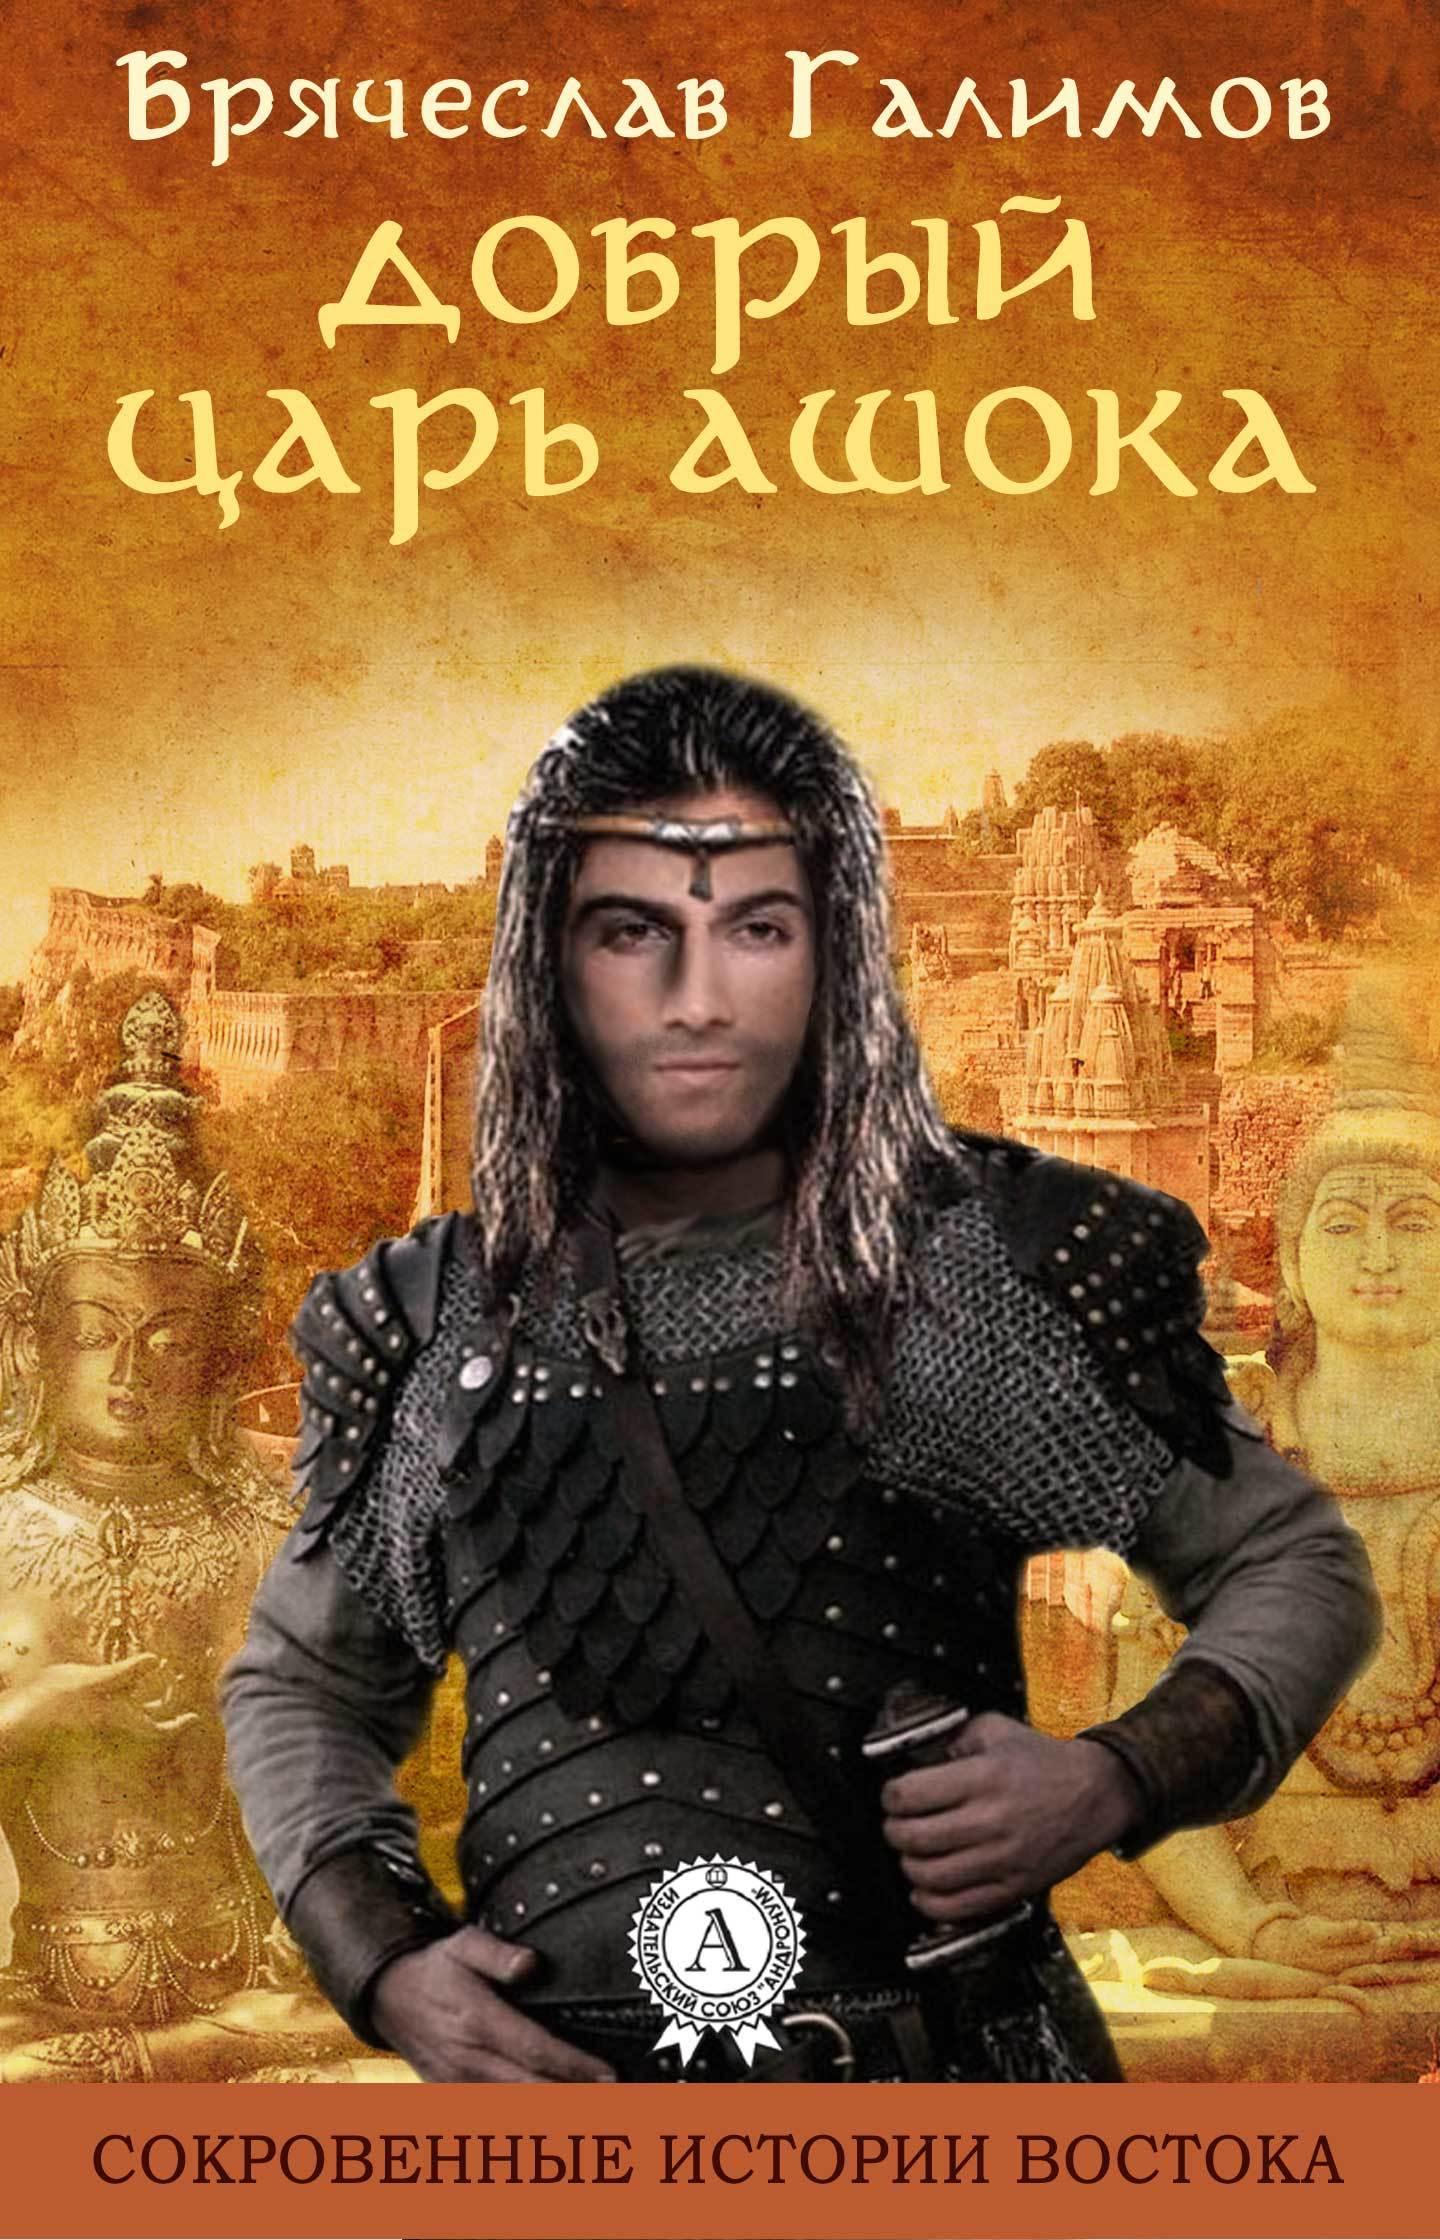 Галимов Брячеслав Добрый царь Ашока